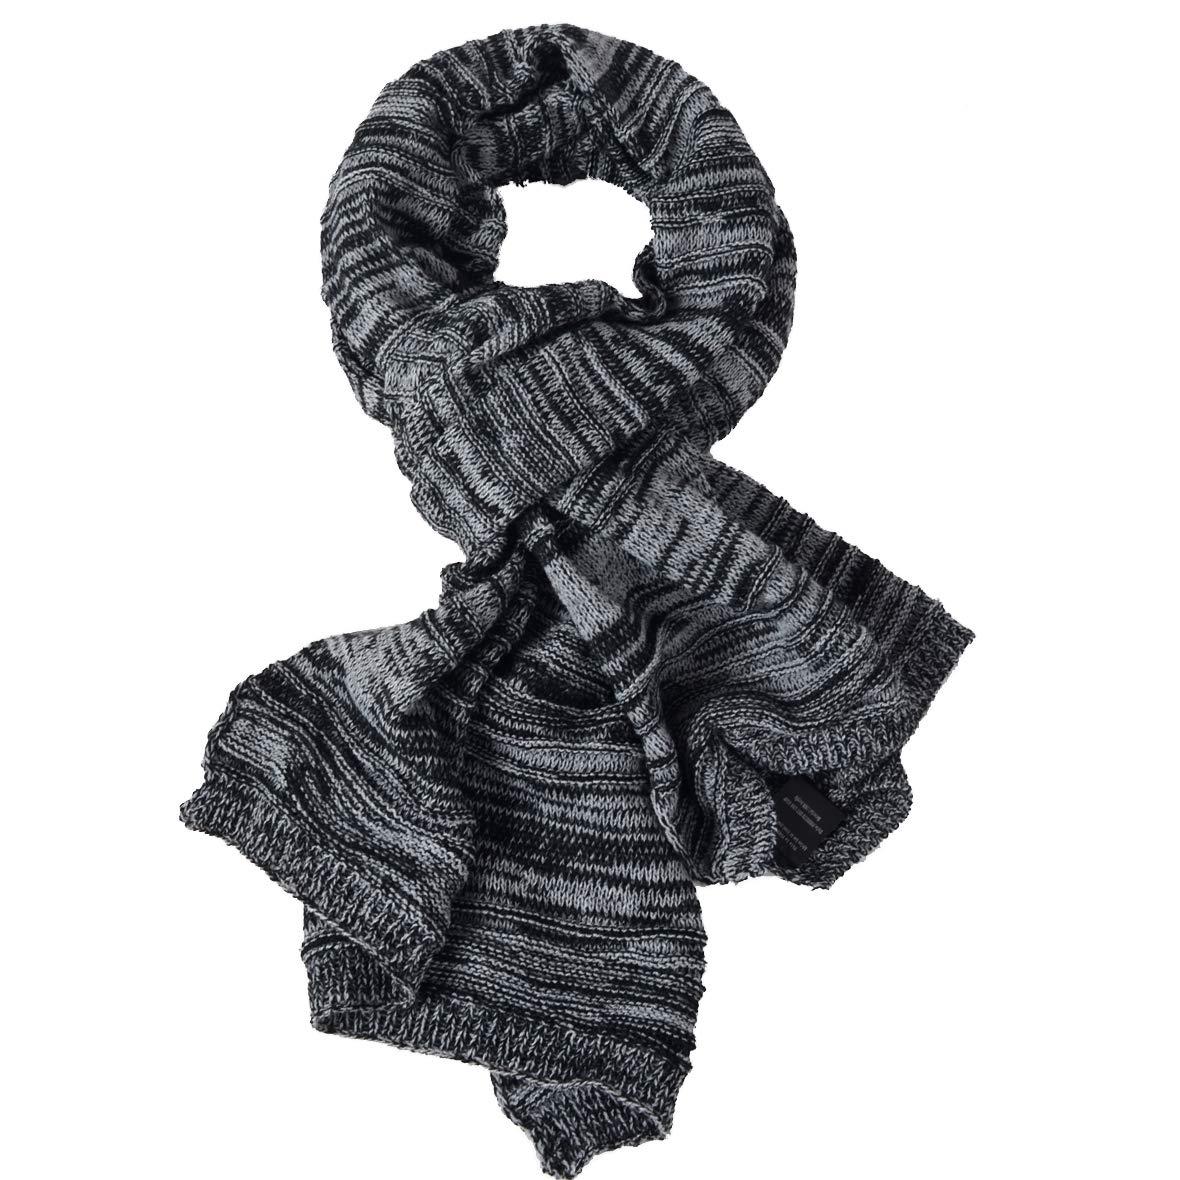 VECRY Homme Longue Écharpe Doux Chaud Épais Tricoter D hiver Écharpes  (Côtelé-Gris)  Amazon.fr  Vêtements et accessoires 117de9c7e11